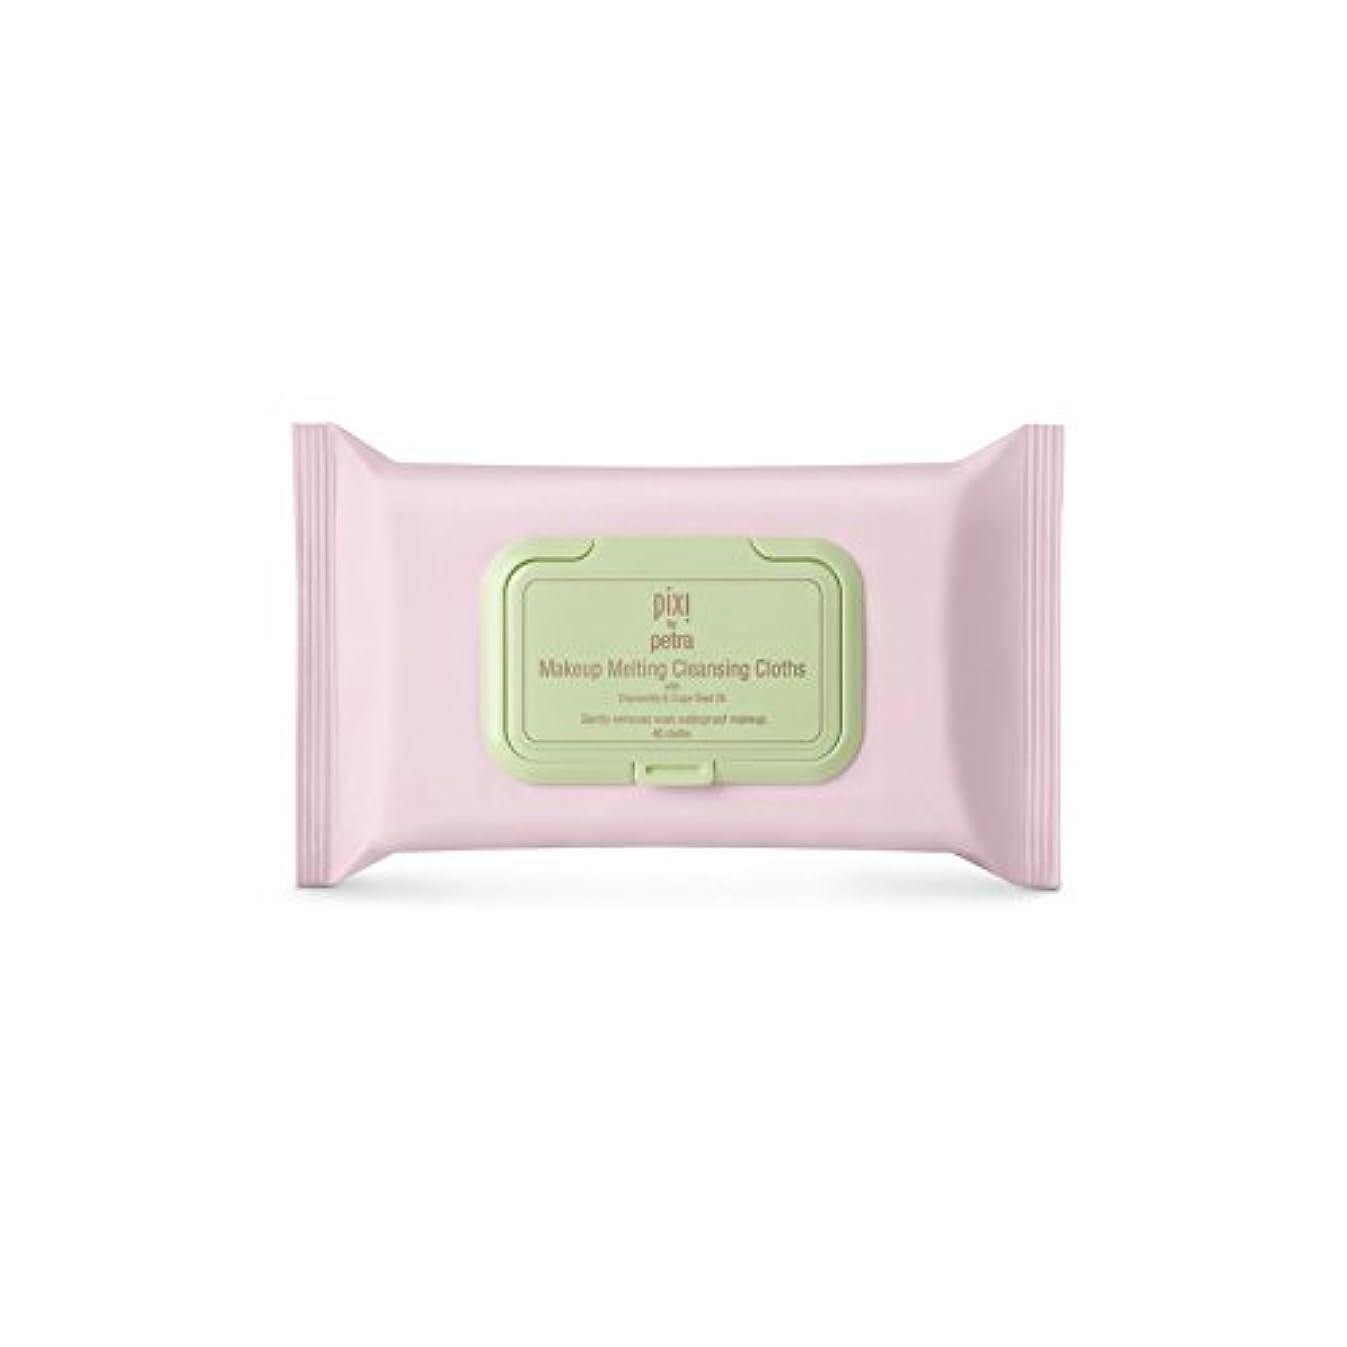 ご予約求めるコンクリートPixi Makeup Melting Cleansing Cloths (Pack of 6) - 化粧溶融クレンジングクロス x6 [並行輸入品]